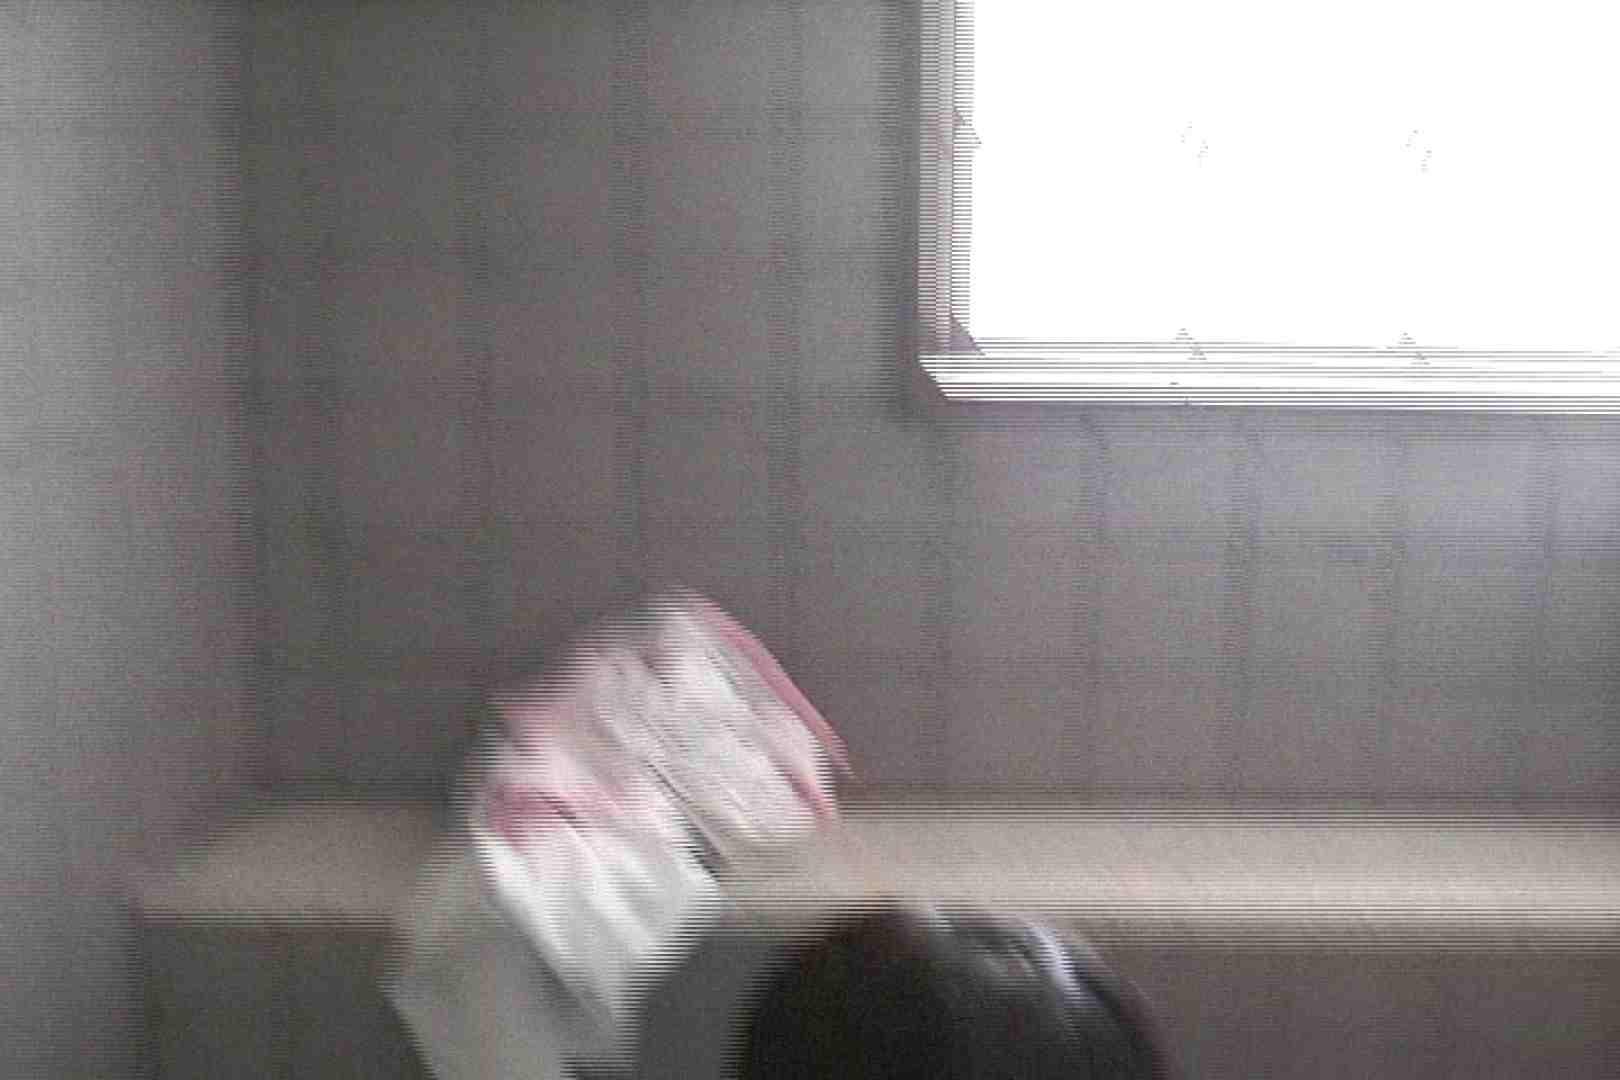 ※100個限定販売 カリスマ撮師 pepeさんの軌跡!Vol.1 色っぽいOL達  52pic 34